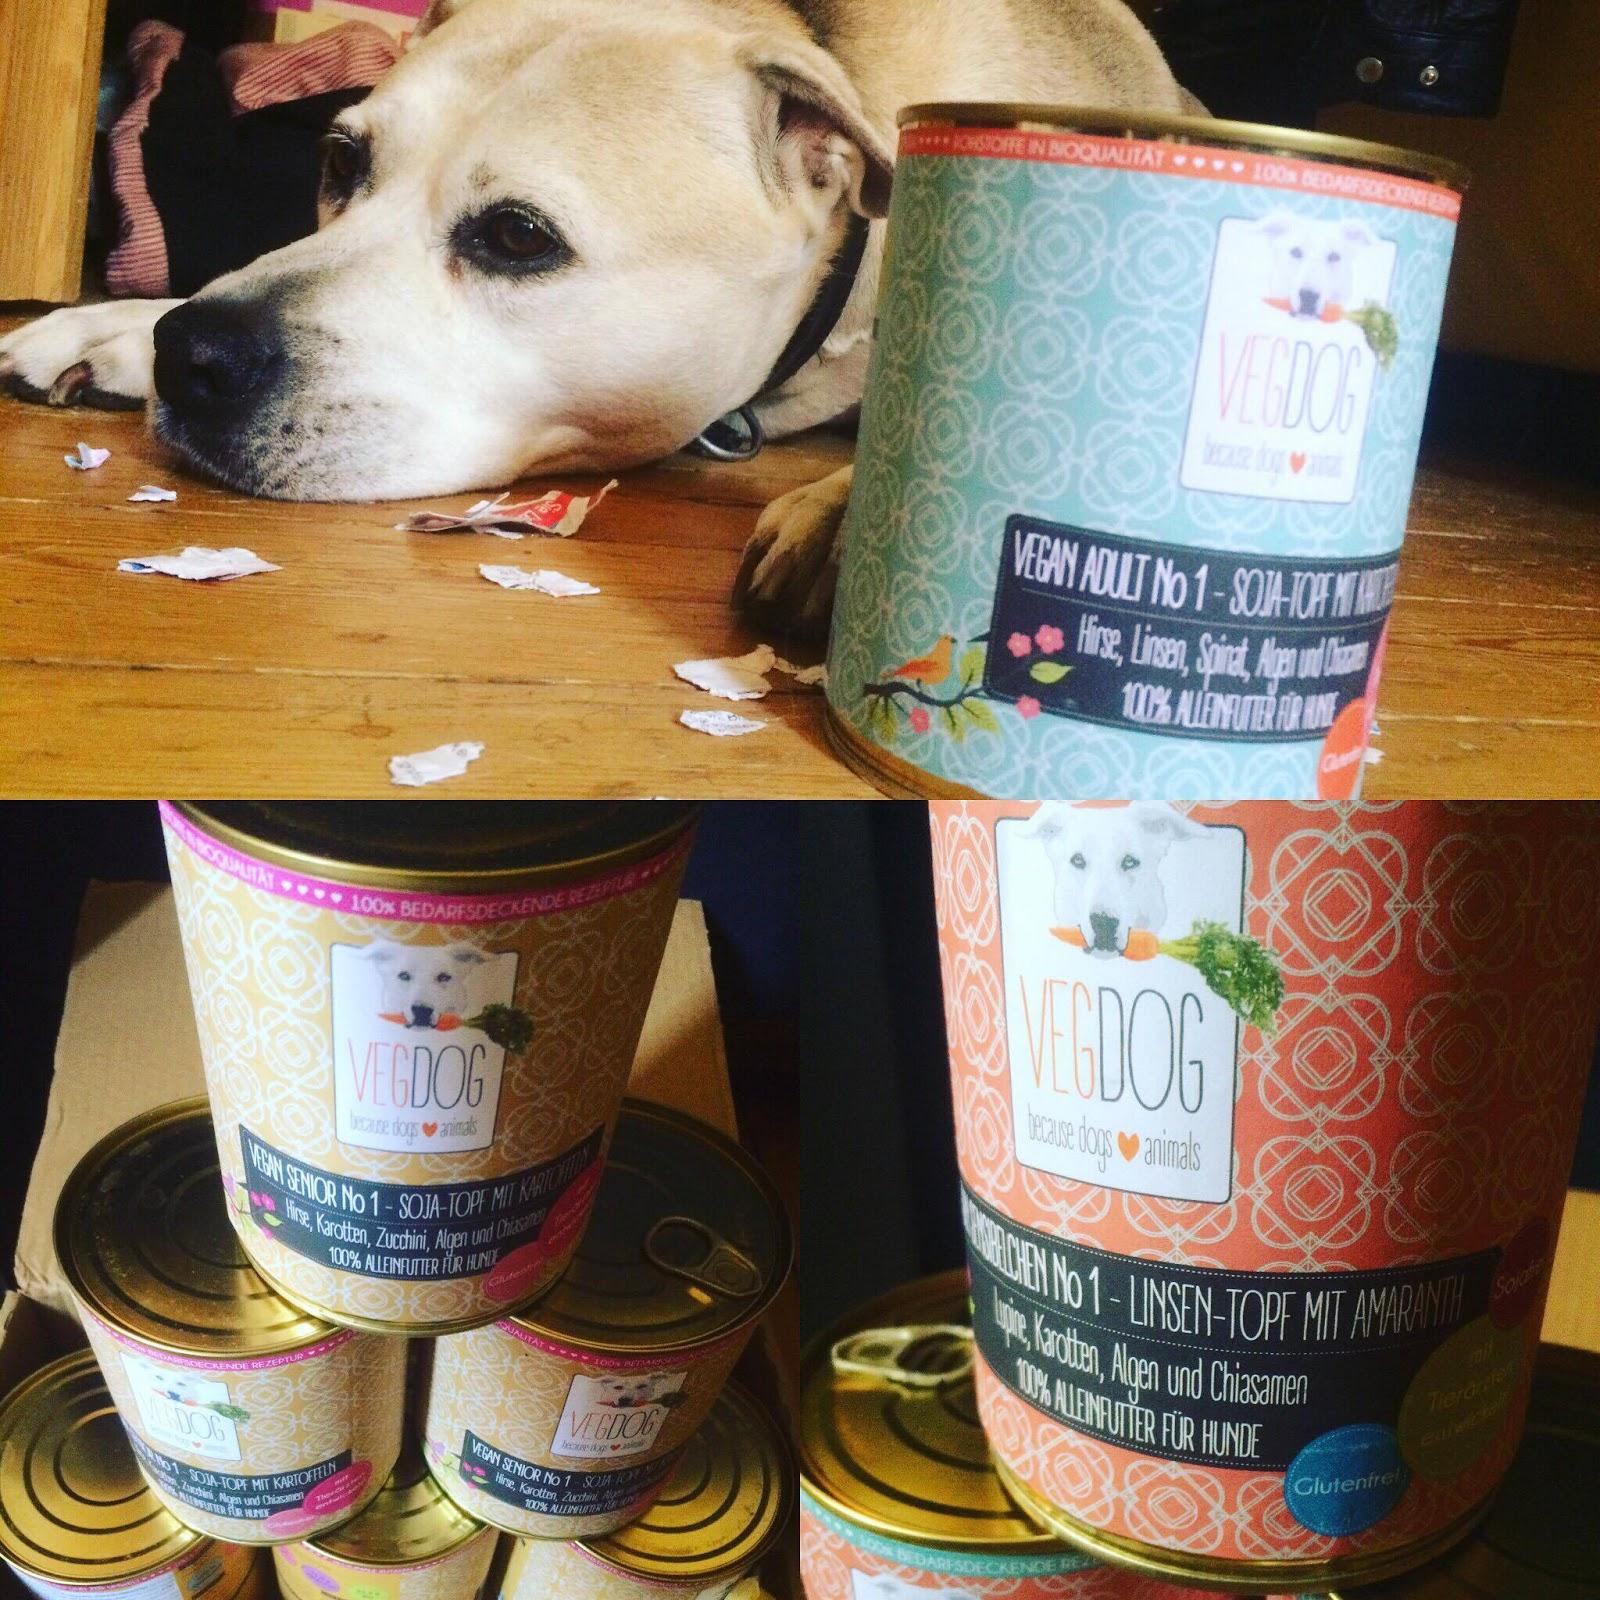 justine wynne gacy veganes hundefutter vegdog im test. Black Bedroom Furniture Sets. Home Design Ideas